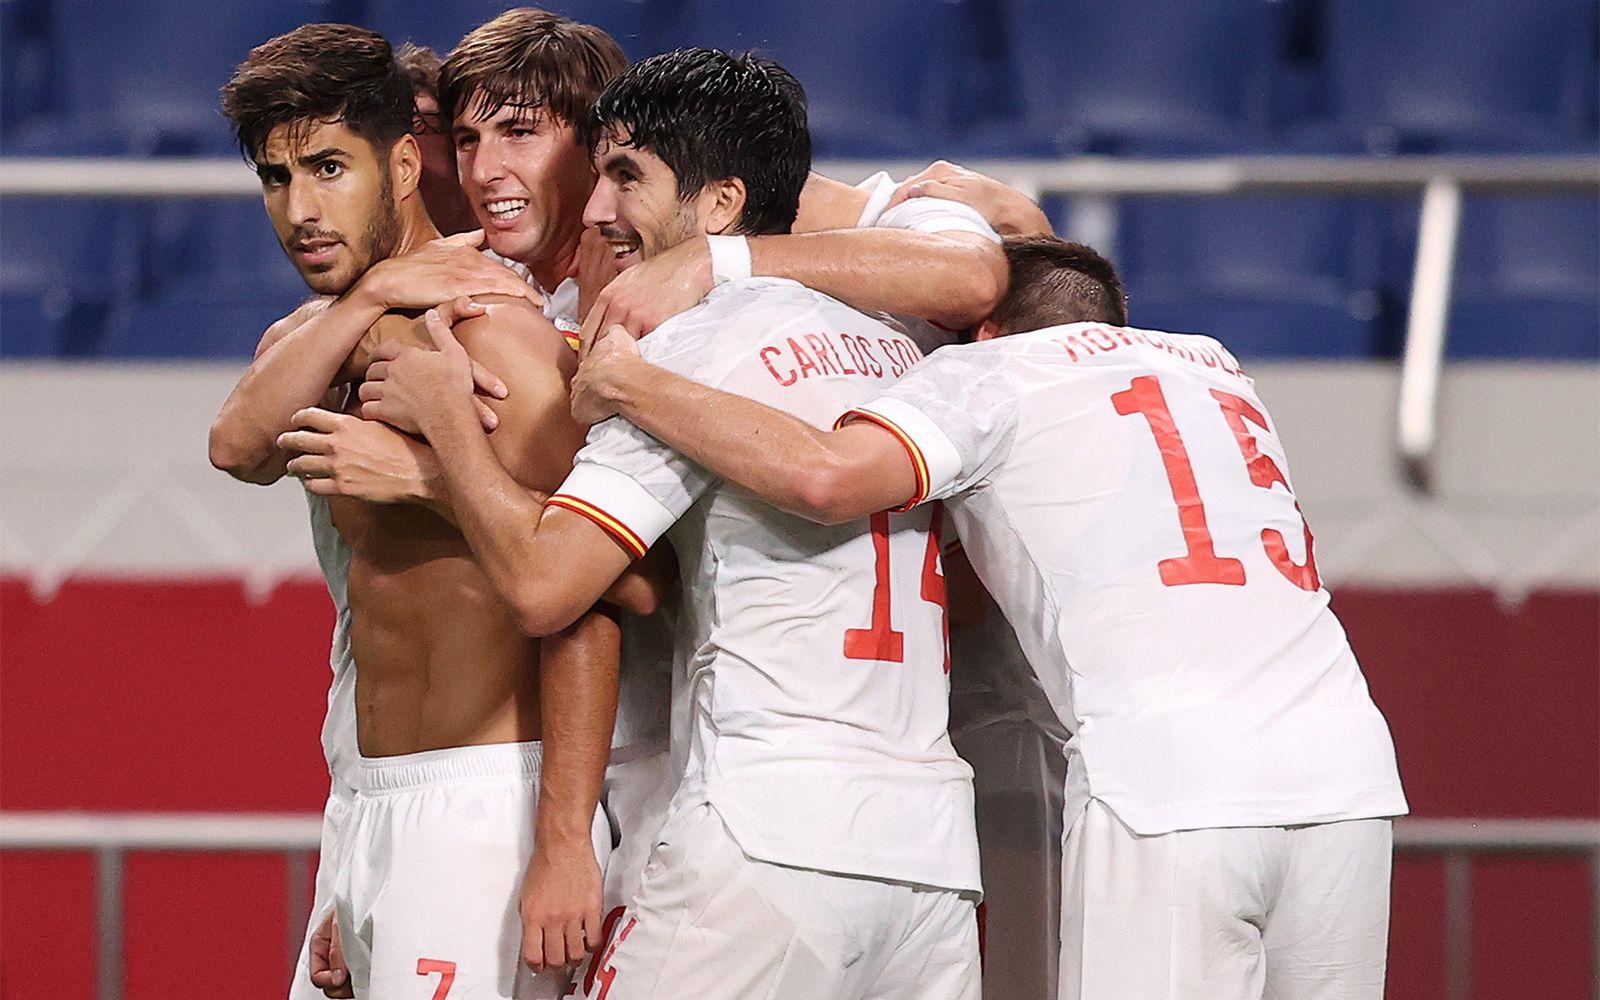 Nhận định U23 Brazil vs U23 Tây Ban Nha, 18h30 ngày 7/8, chung kết Olympic - 3